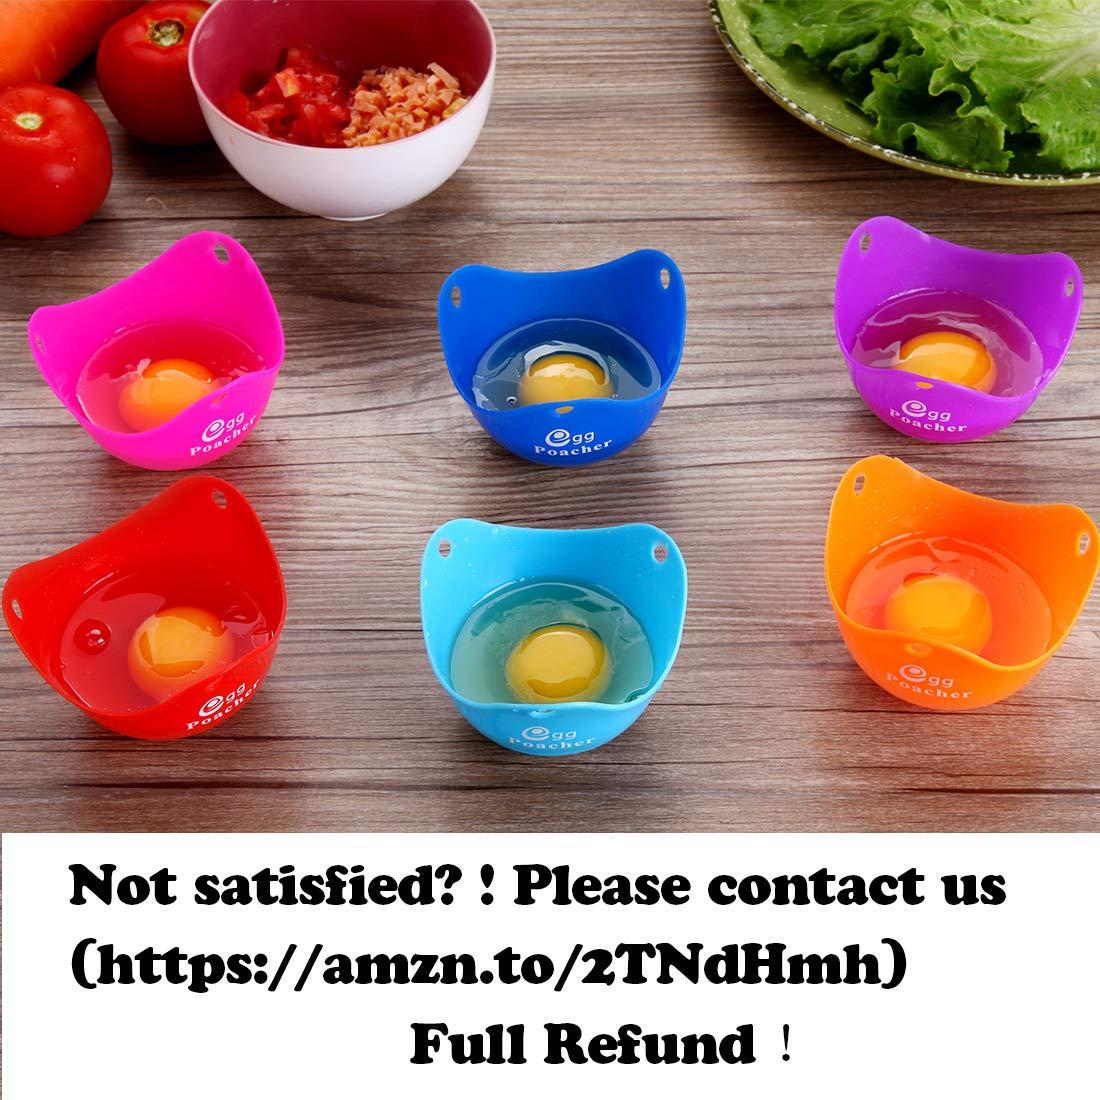 Amazon.com: Escalfador de huevos – zfitei tazas de huevos de ...